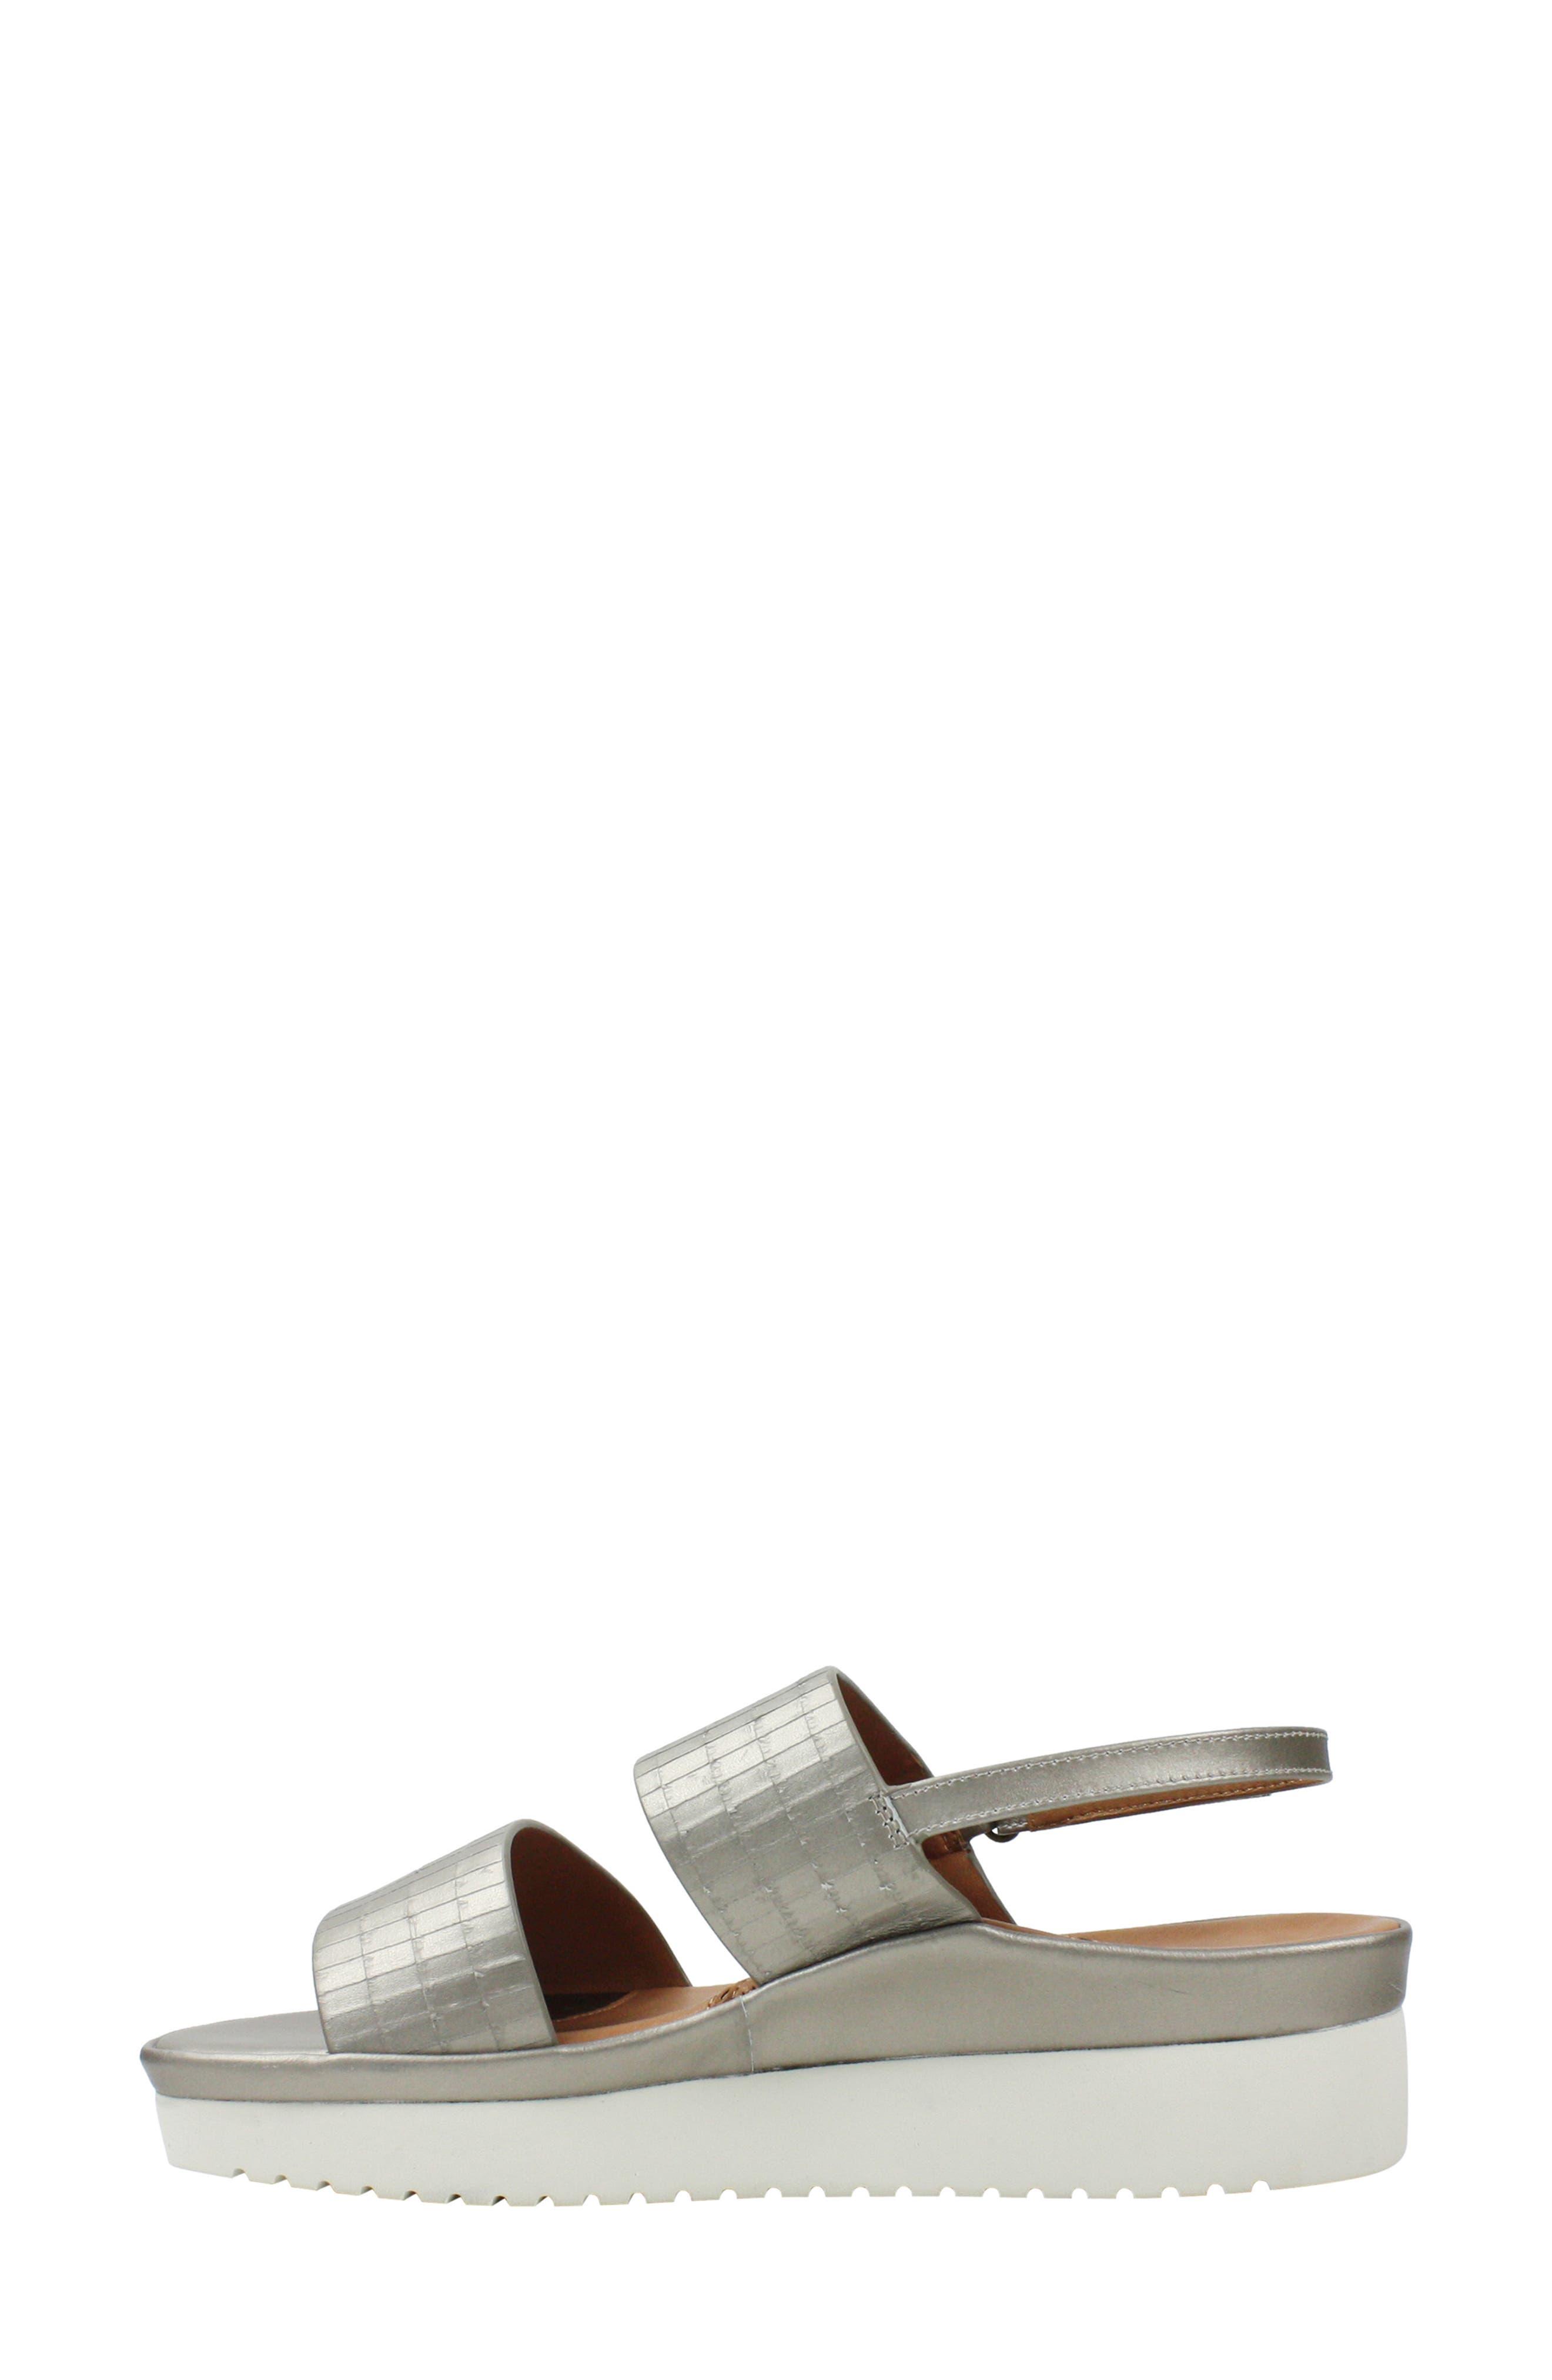 L'AMOUR DES PIEDS, Abruzzo Slingback Platform Wedge Sandal, Alternate thumbnail 6, color, PEARLIZED PLATINUM LEATHER